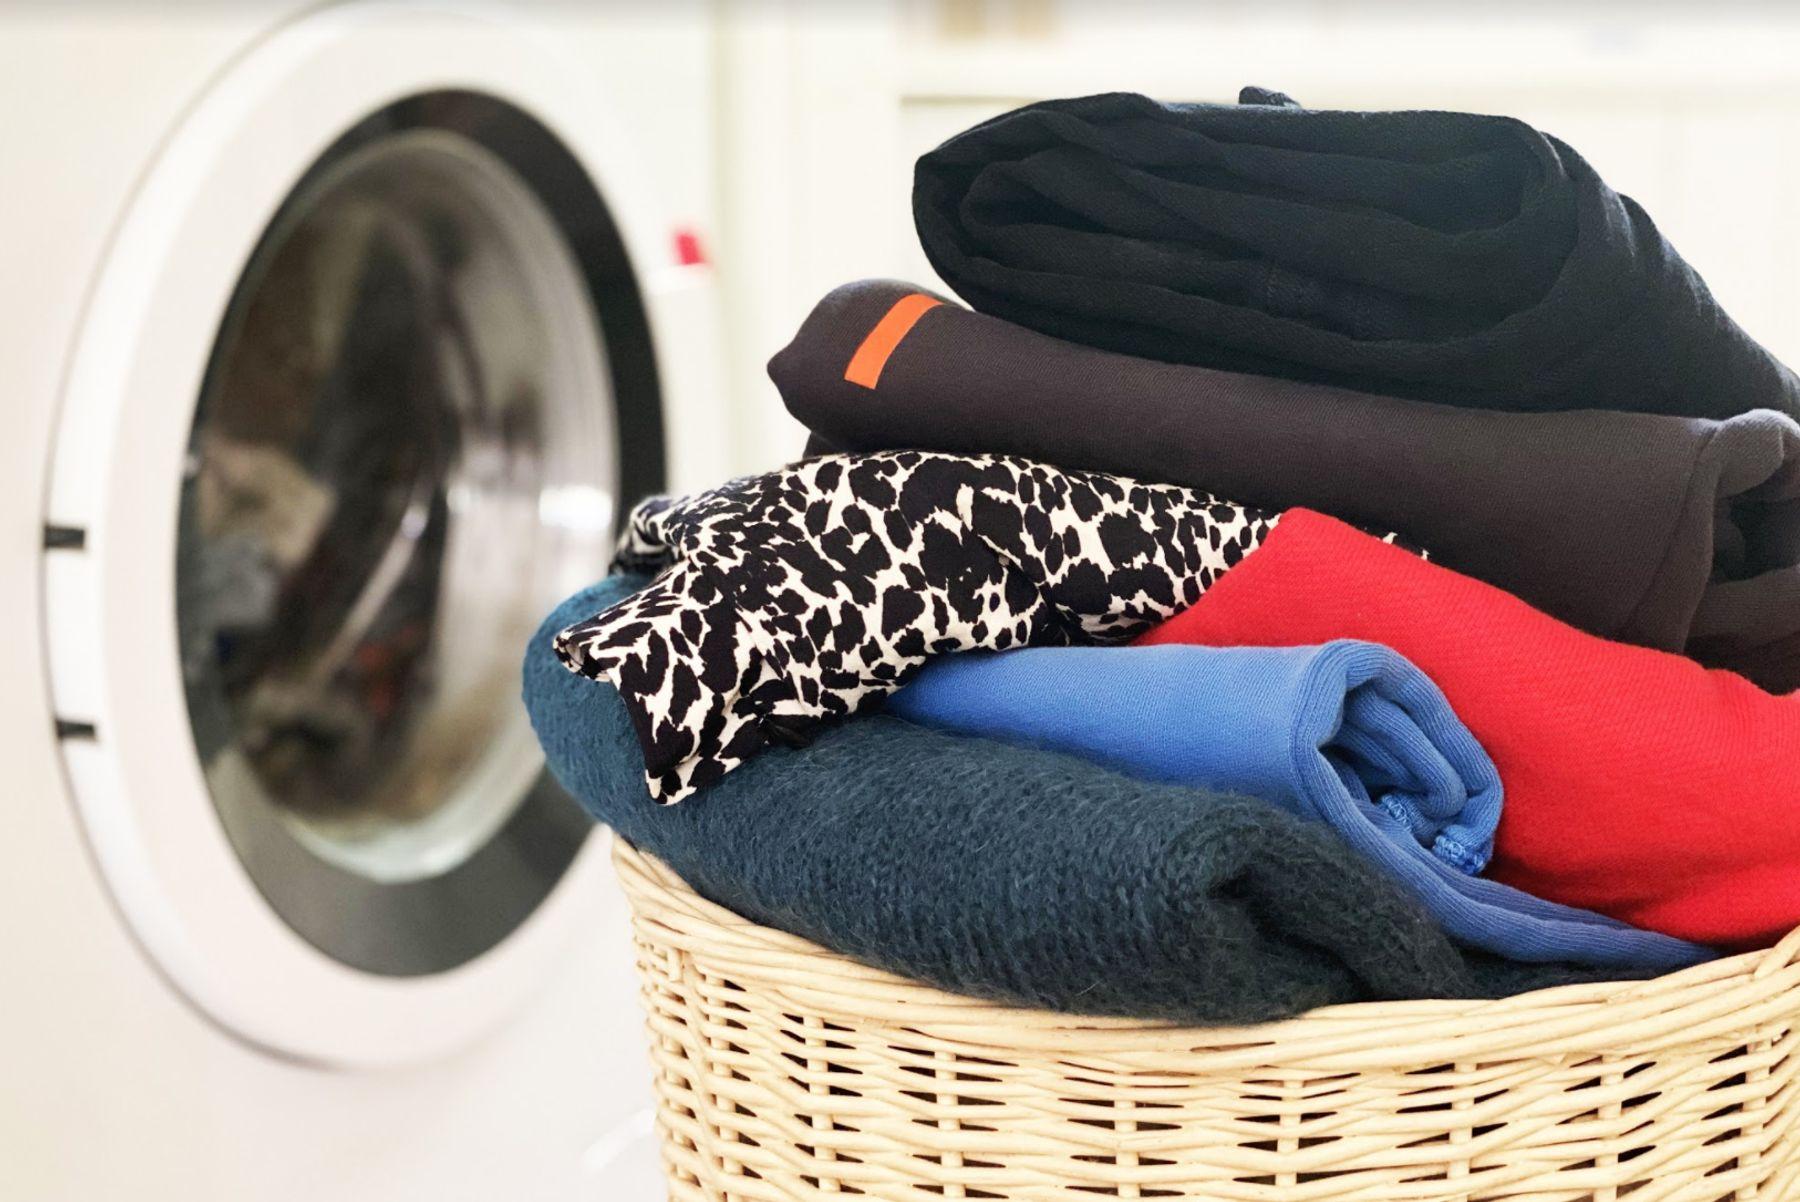 Step 2: Separá la ropa